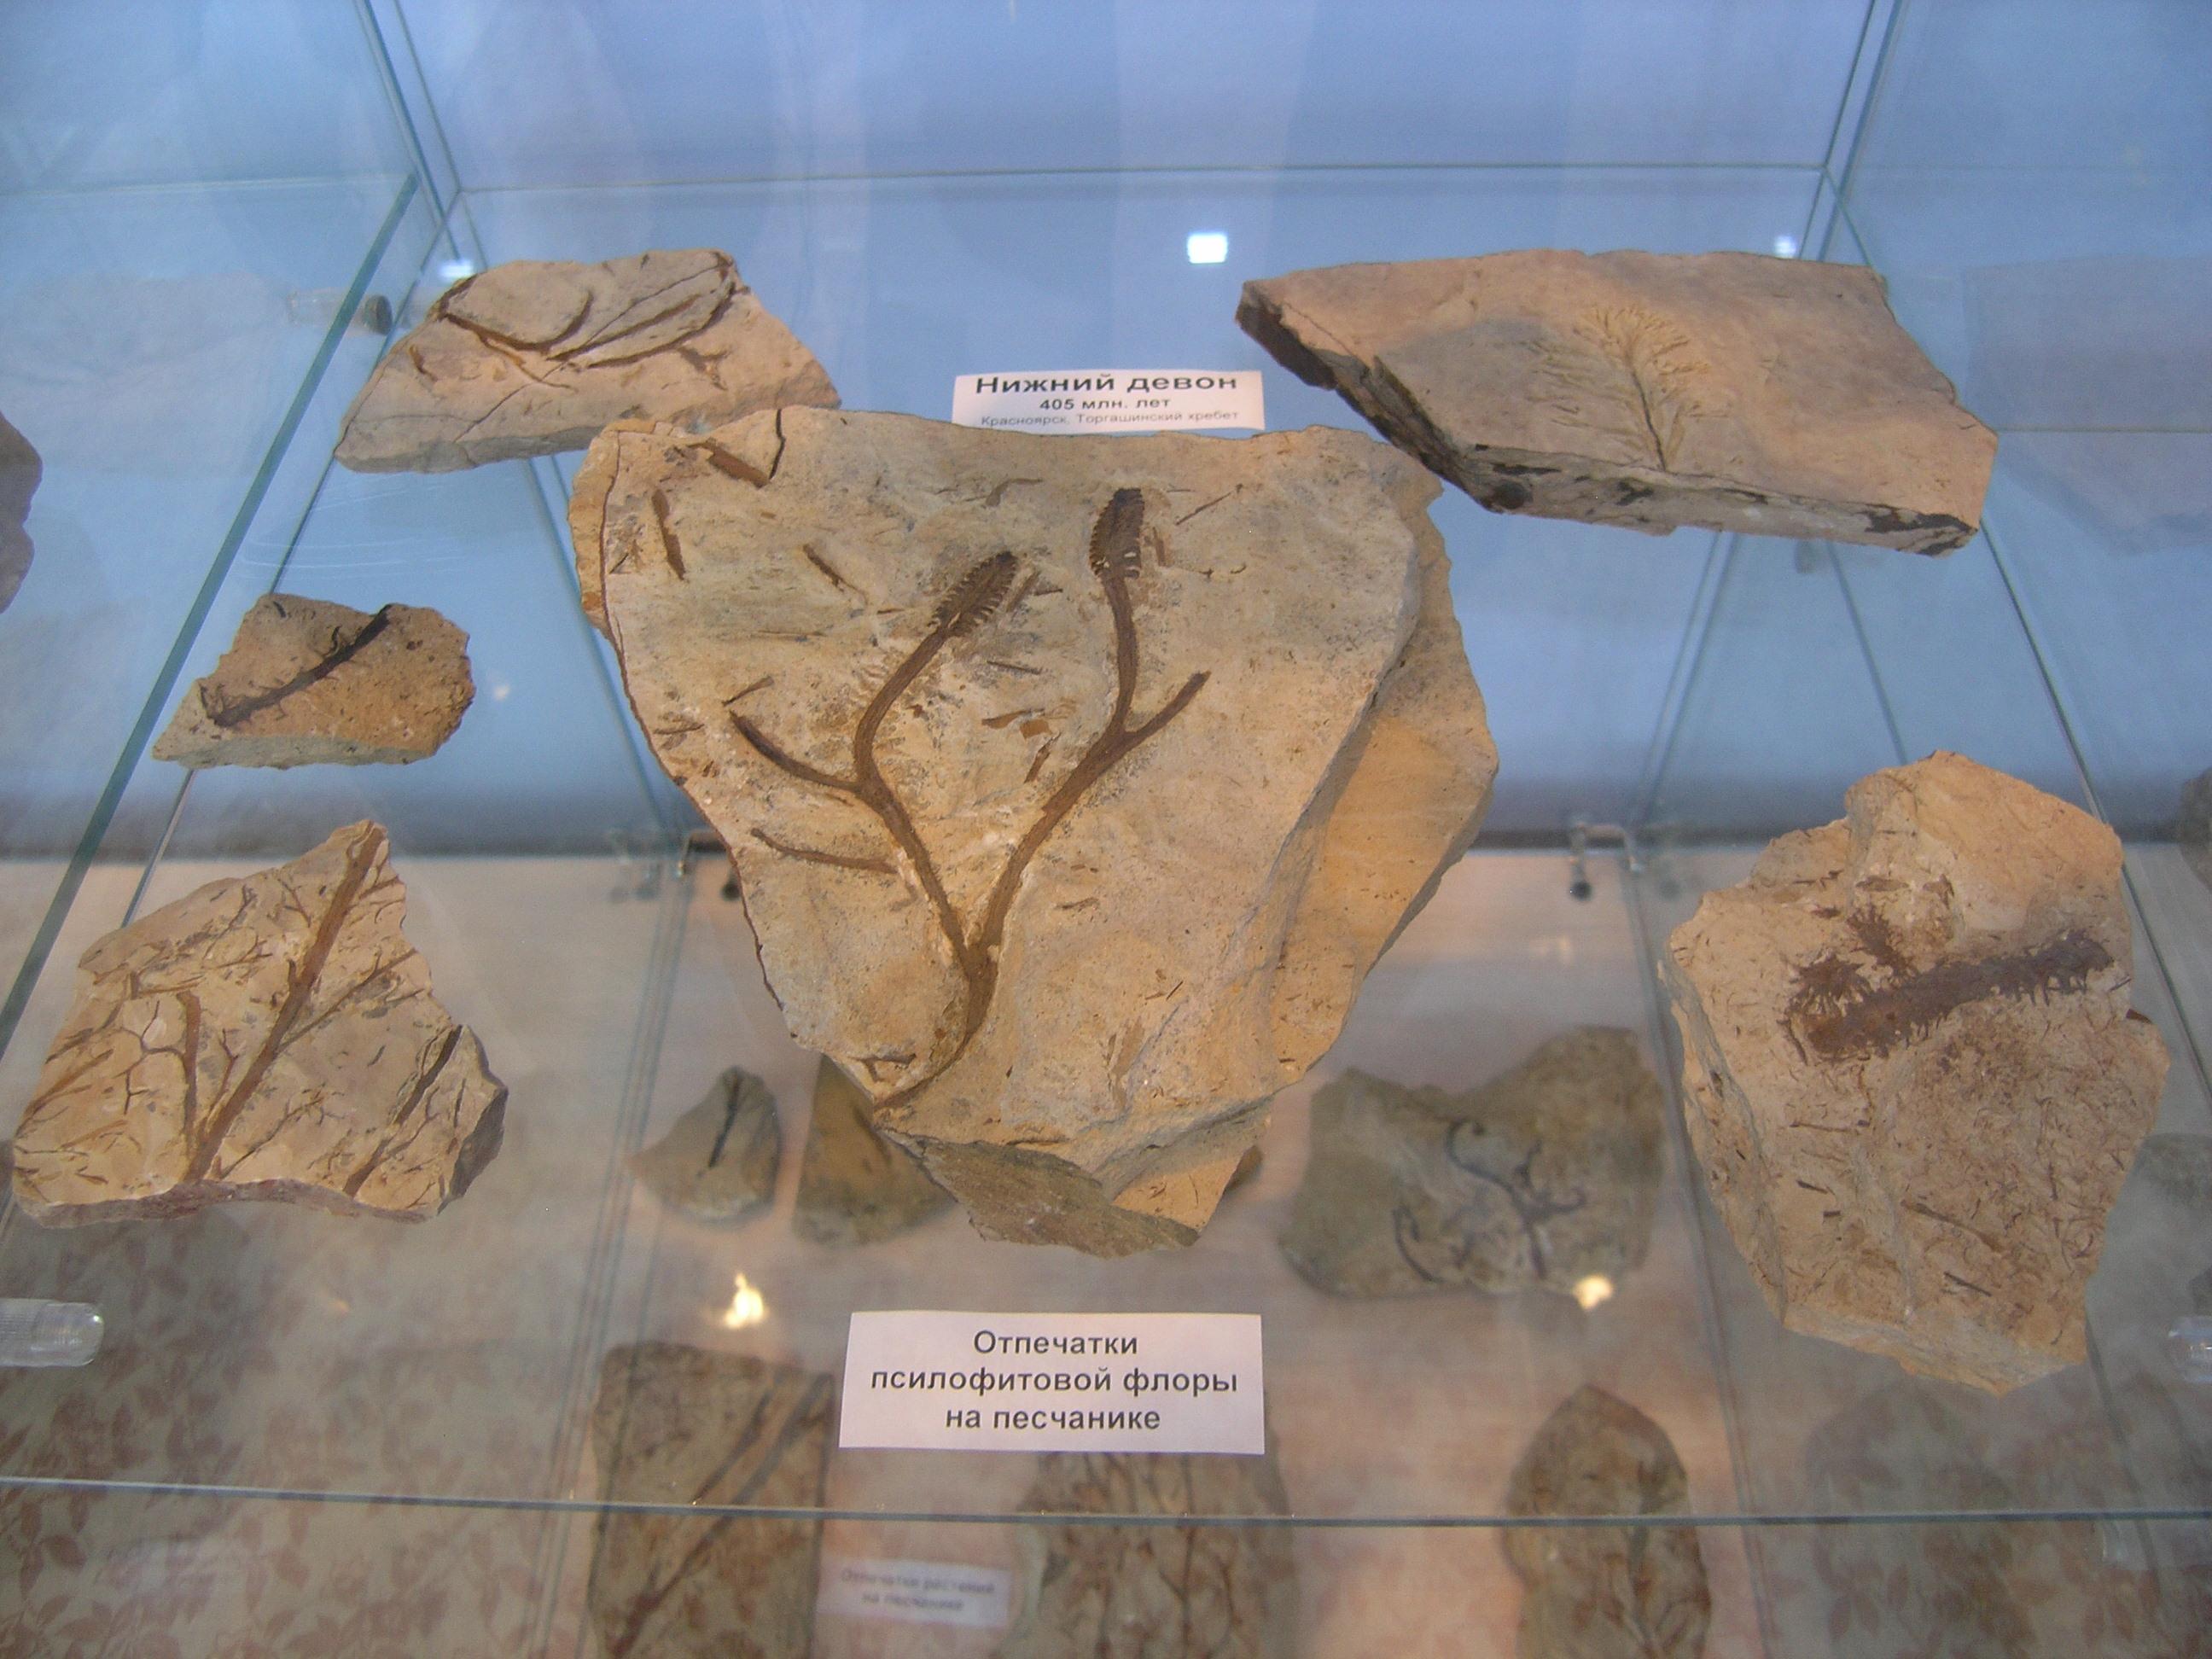 Зал палеонтологии - псилофитовая флора